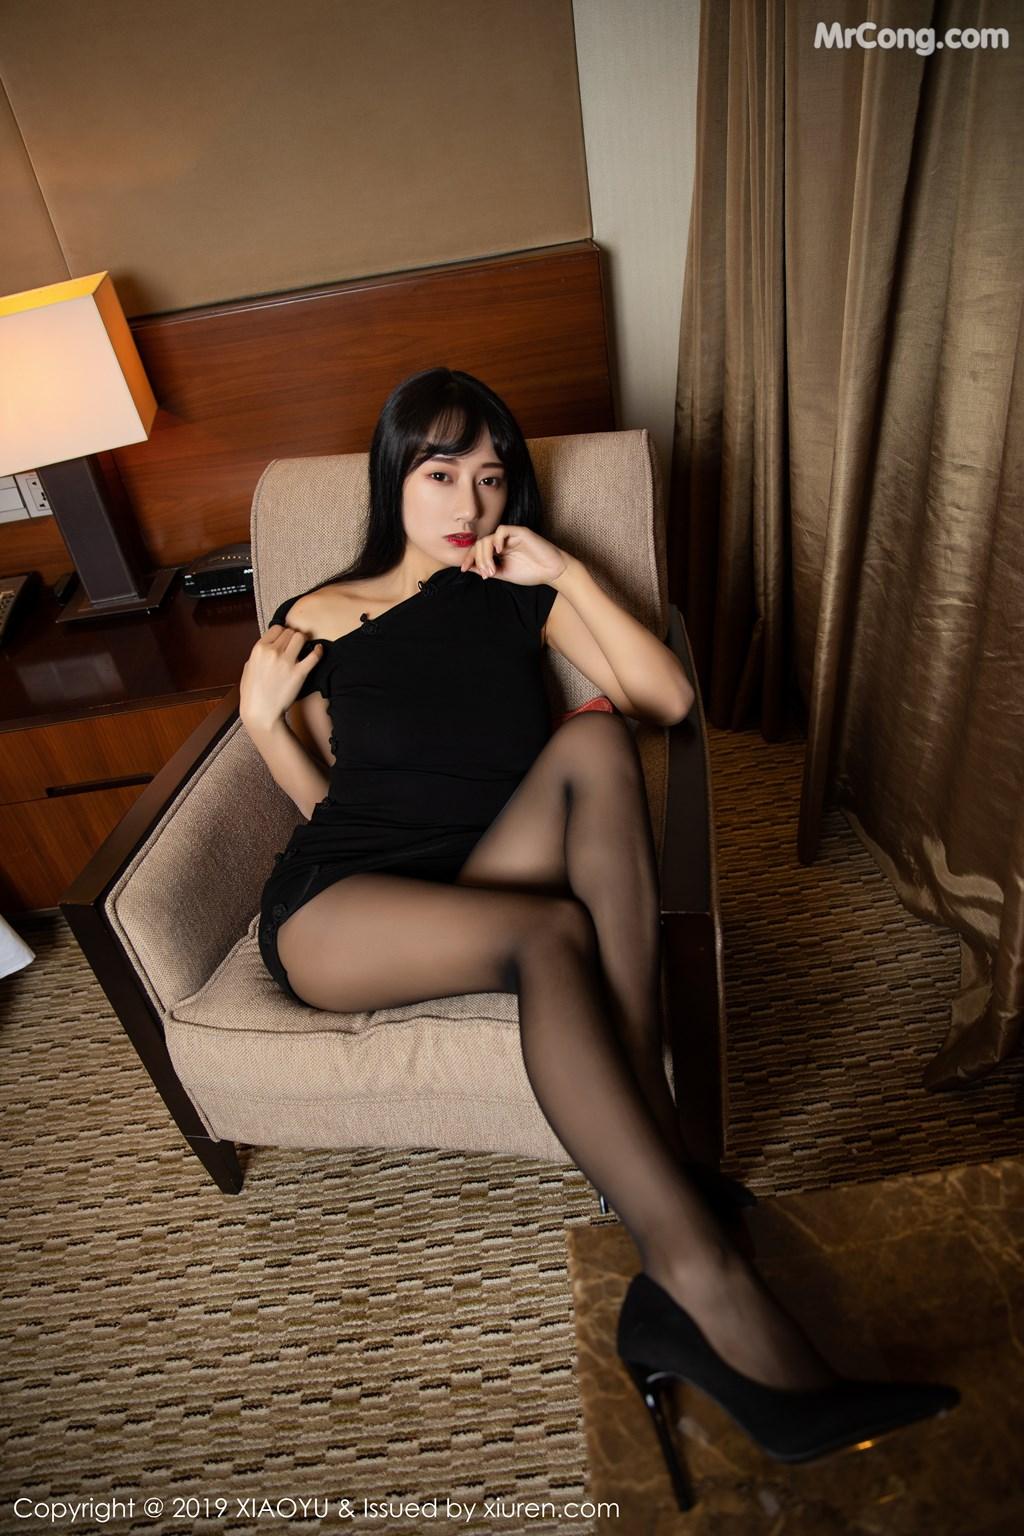 Image XiaoYu-Vol.145-He-Jia-Ying-MrCong.com-043 in post XiaoYu Vol.145: He Jia Ying (何嘉颖) (68 ảnh)